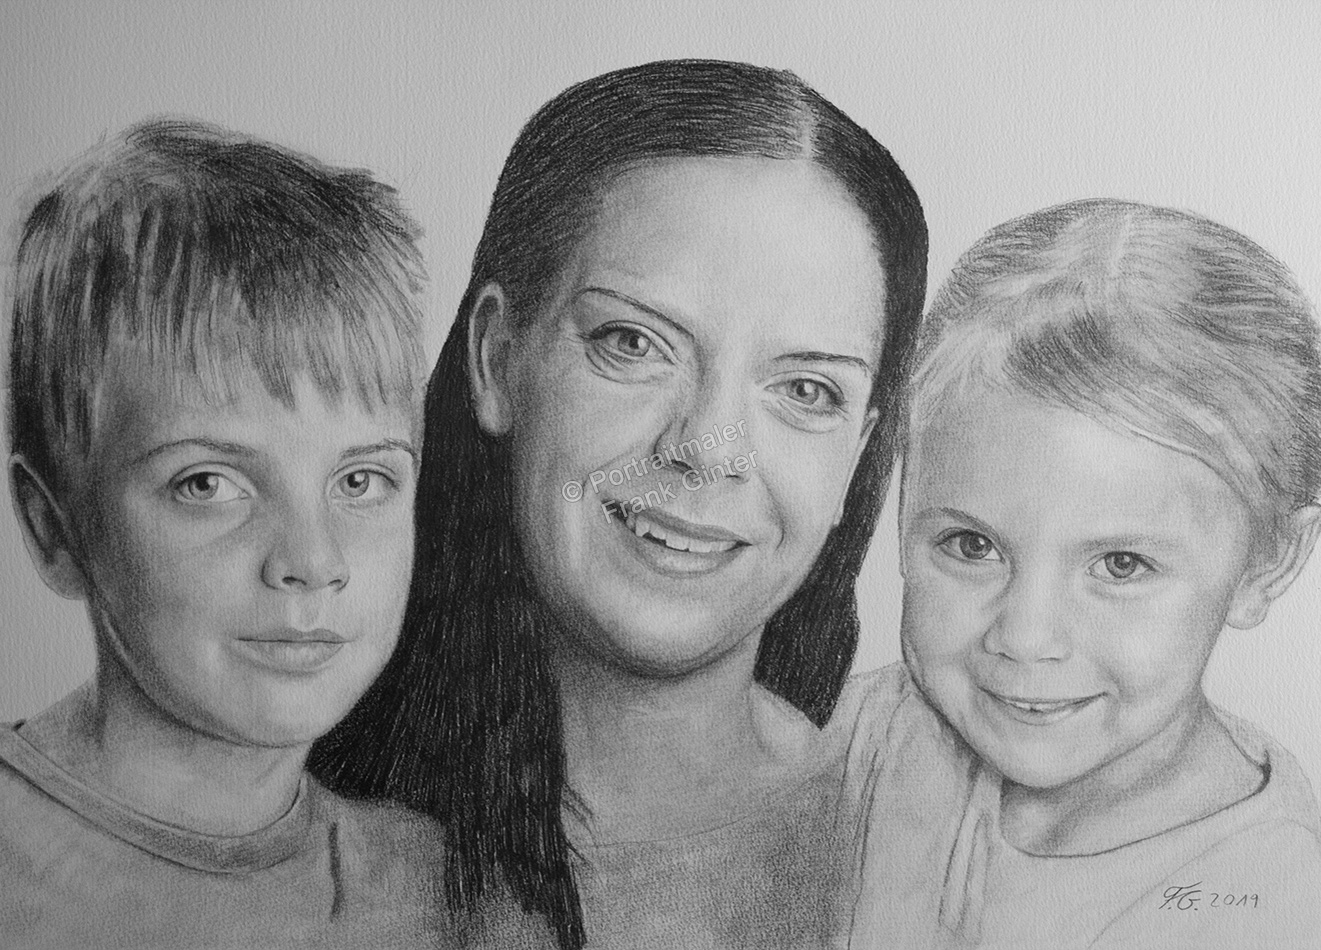 Bleistiftzeichnungen, Familienportraits Bleistifte, Familienzeichnung, Familienzeichnungen, Familien Mutter mit Bleistiften gezeichnet, Familienzeichner gesucht